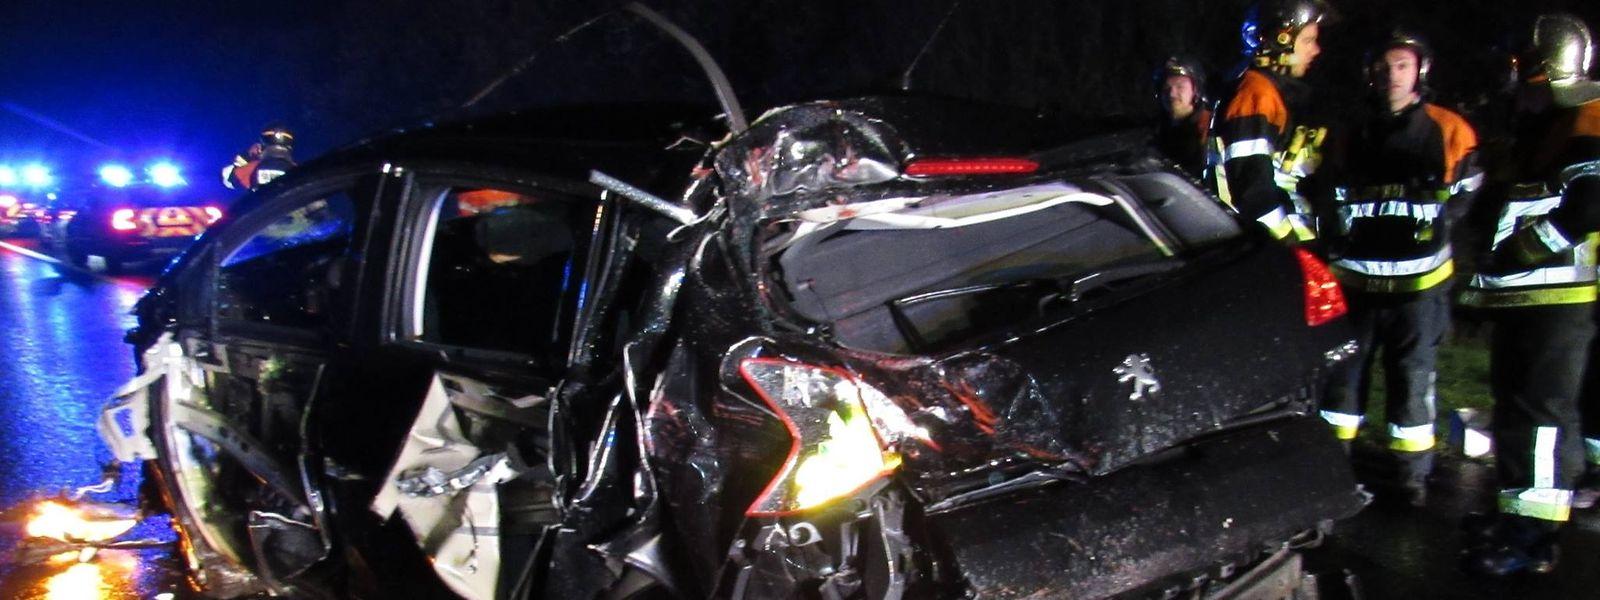 Après avoir été heurté par un camion, un automobiliste a foncé contre les barrières de sécurité avant de heurter l'arrière de la camionnette qui se trouvait devant lui.